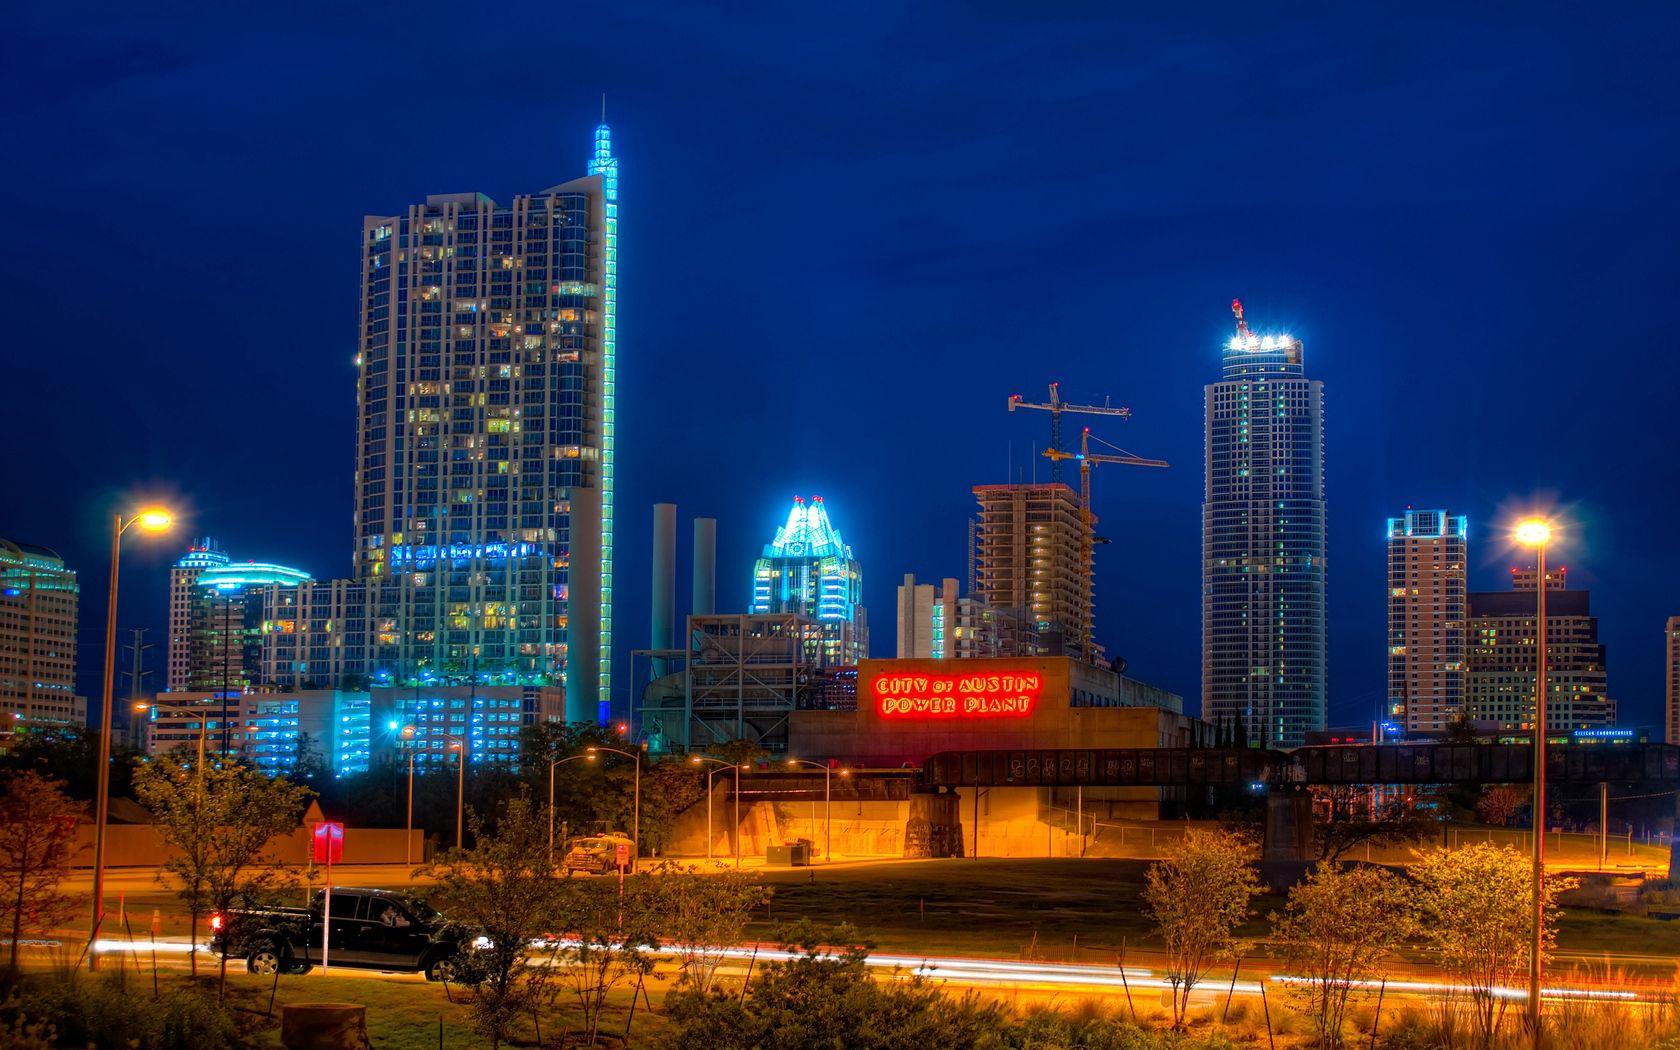 153702 скачать обои Остин, Техас, Небоскребы, Здания, Ночь, Города - заставки и картинки бесплатно